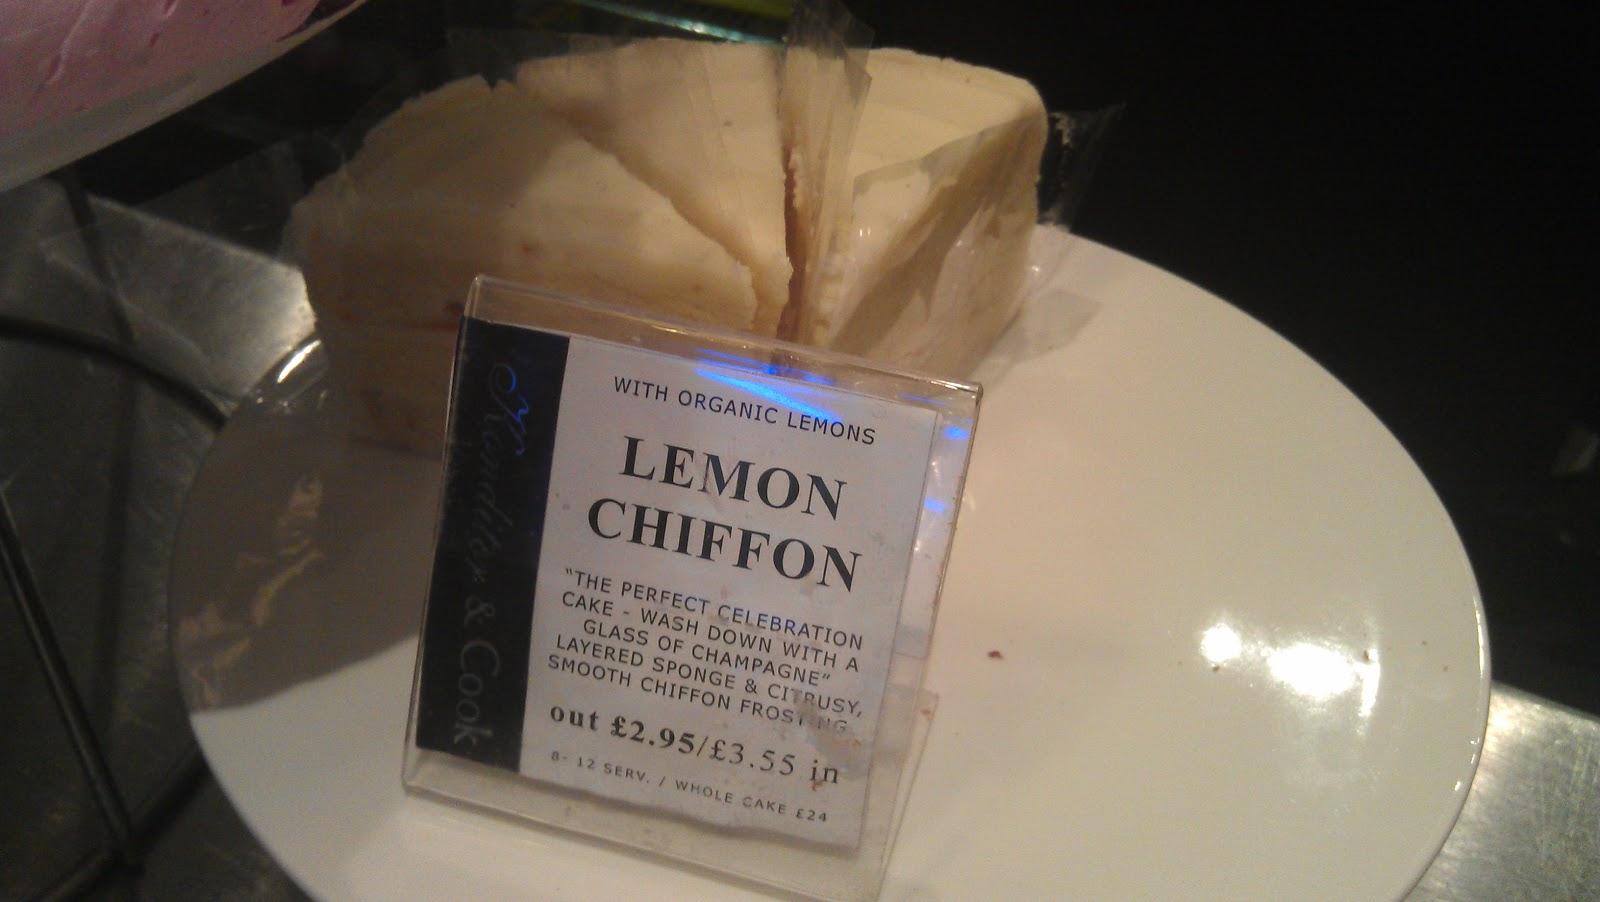 Konditor And Cook Lemon Chiffon Cake